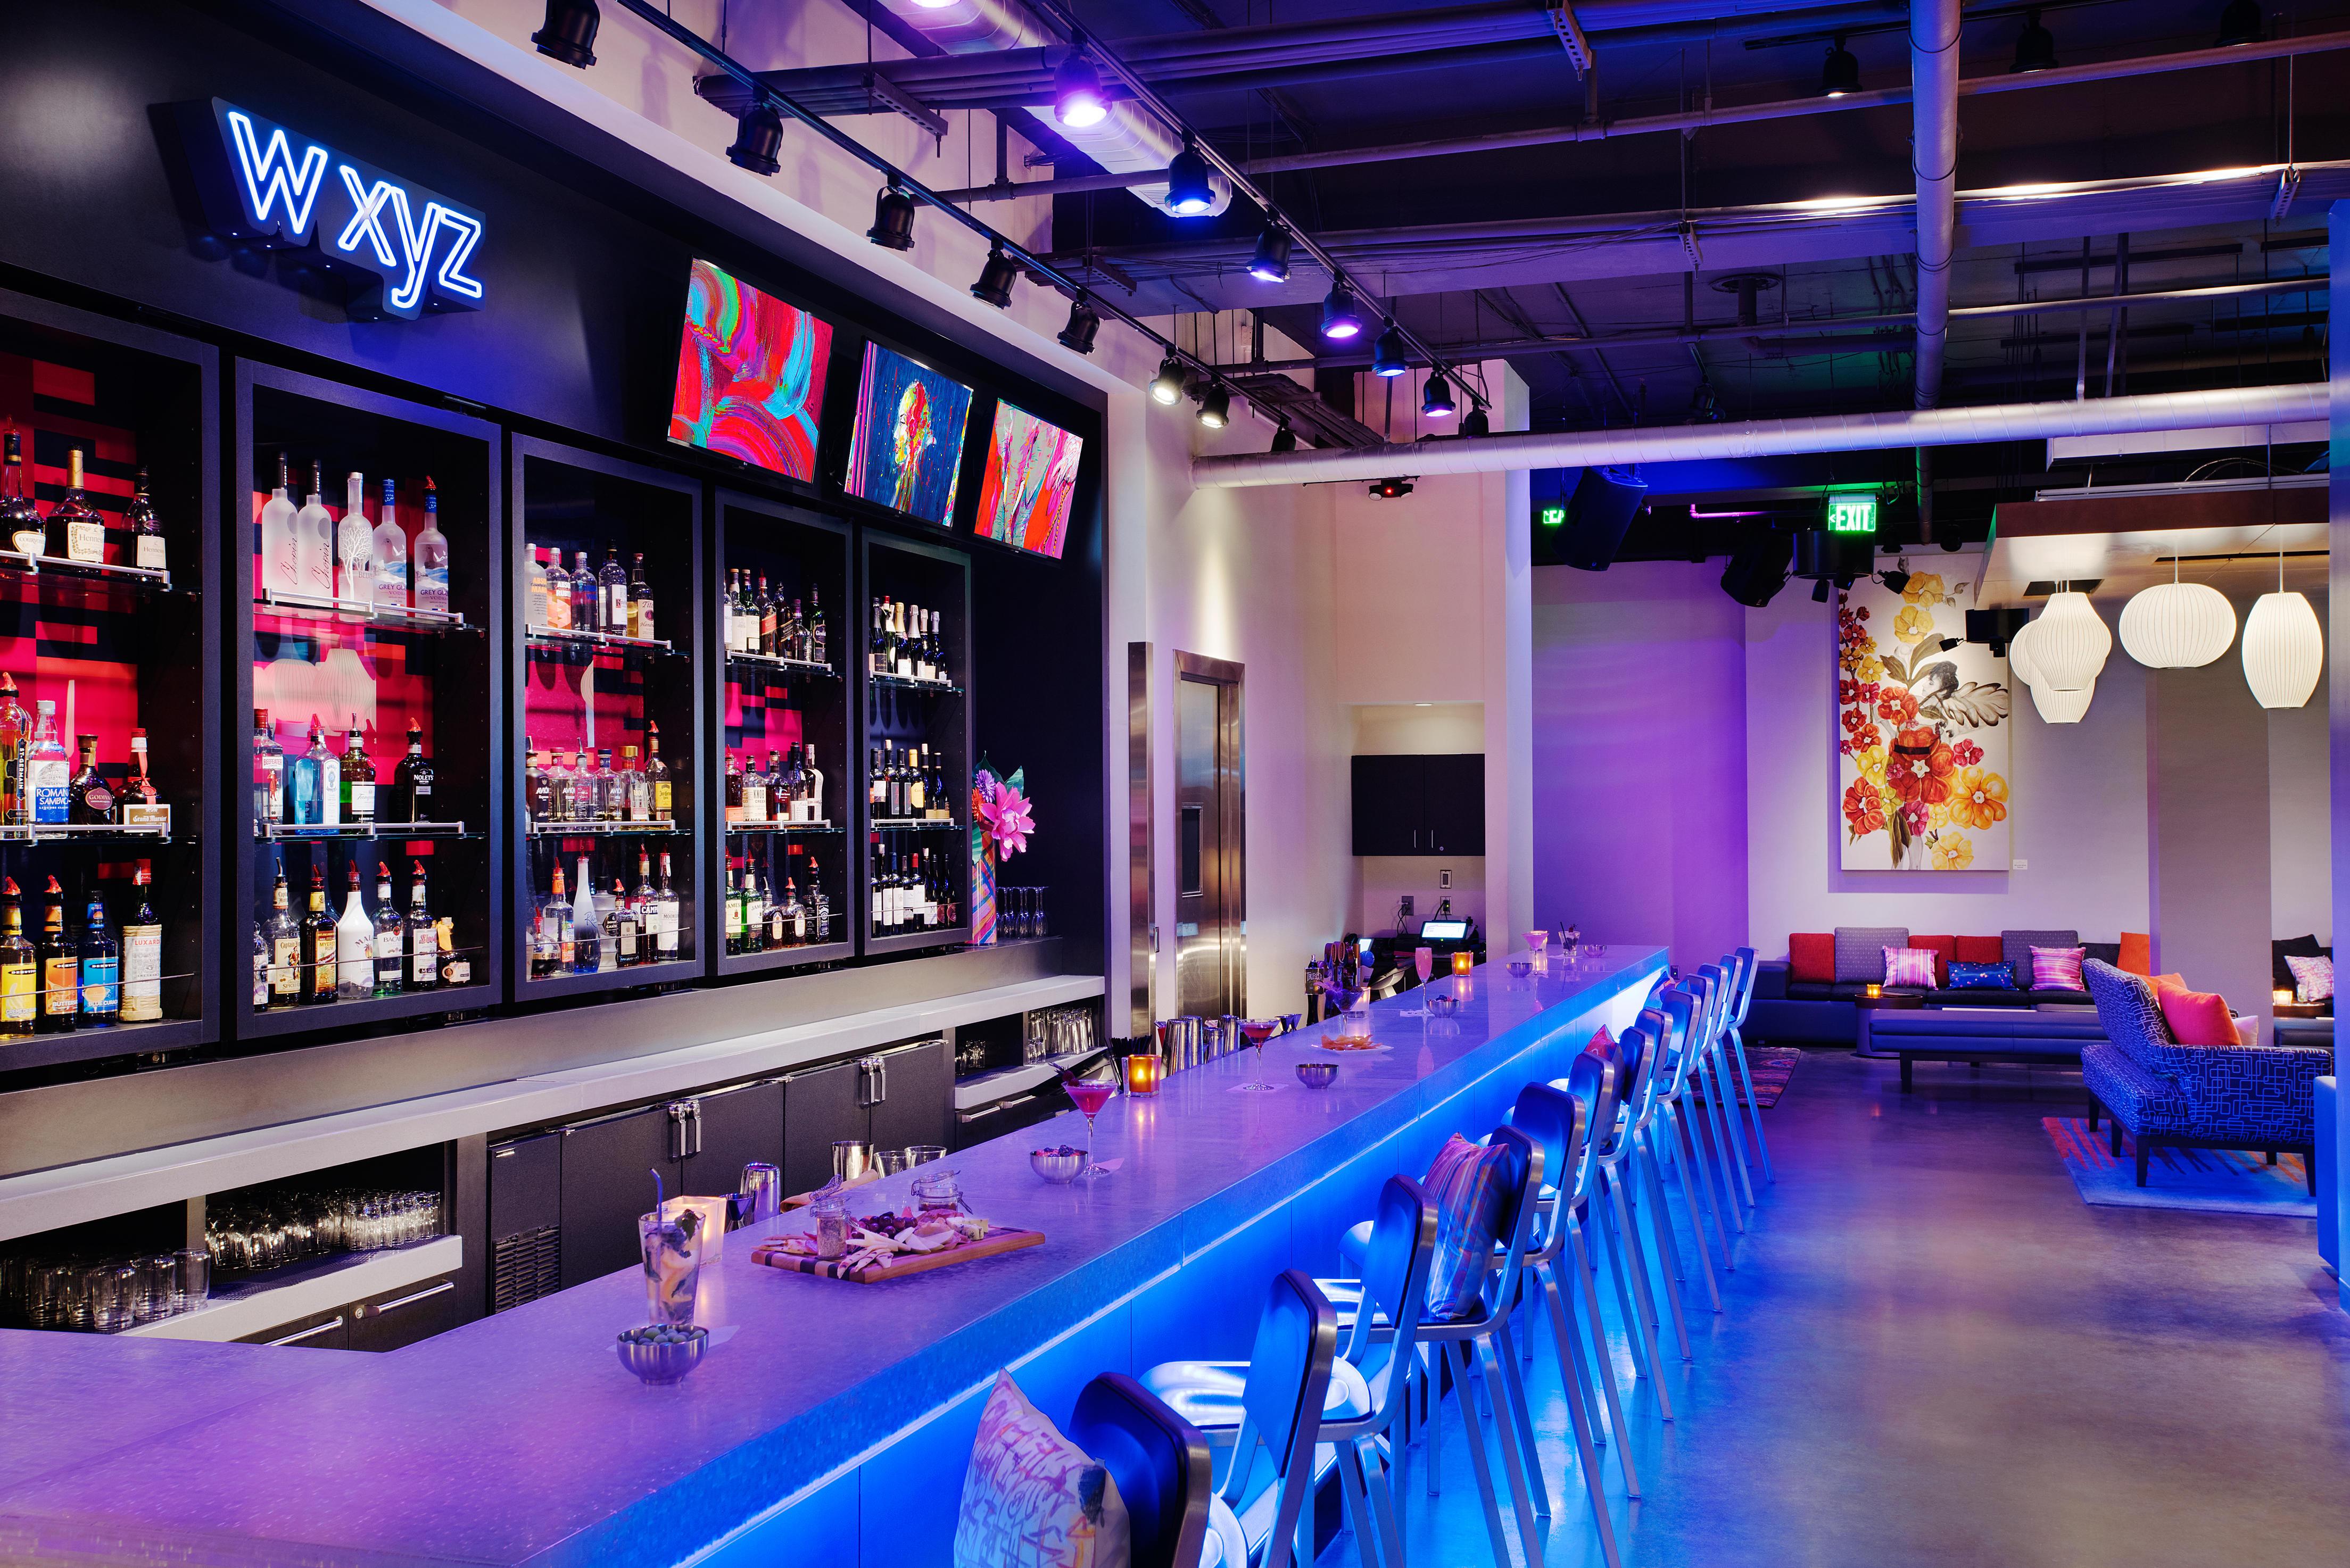 Aloft greenville downtown wxyz bar lounge 1  6a7c28235056a36 6a7c3de8 5056 a36f 23a5e10b5309d379